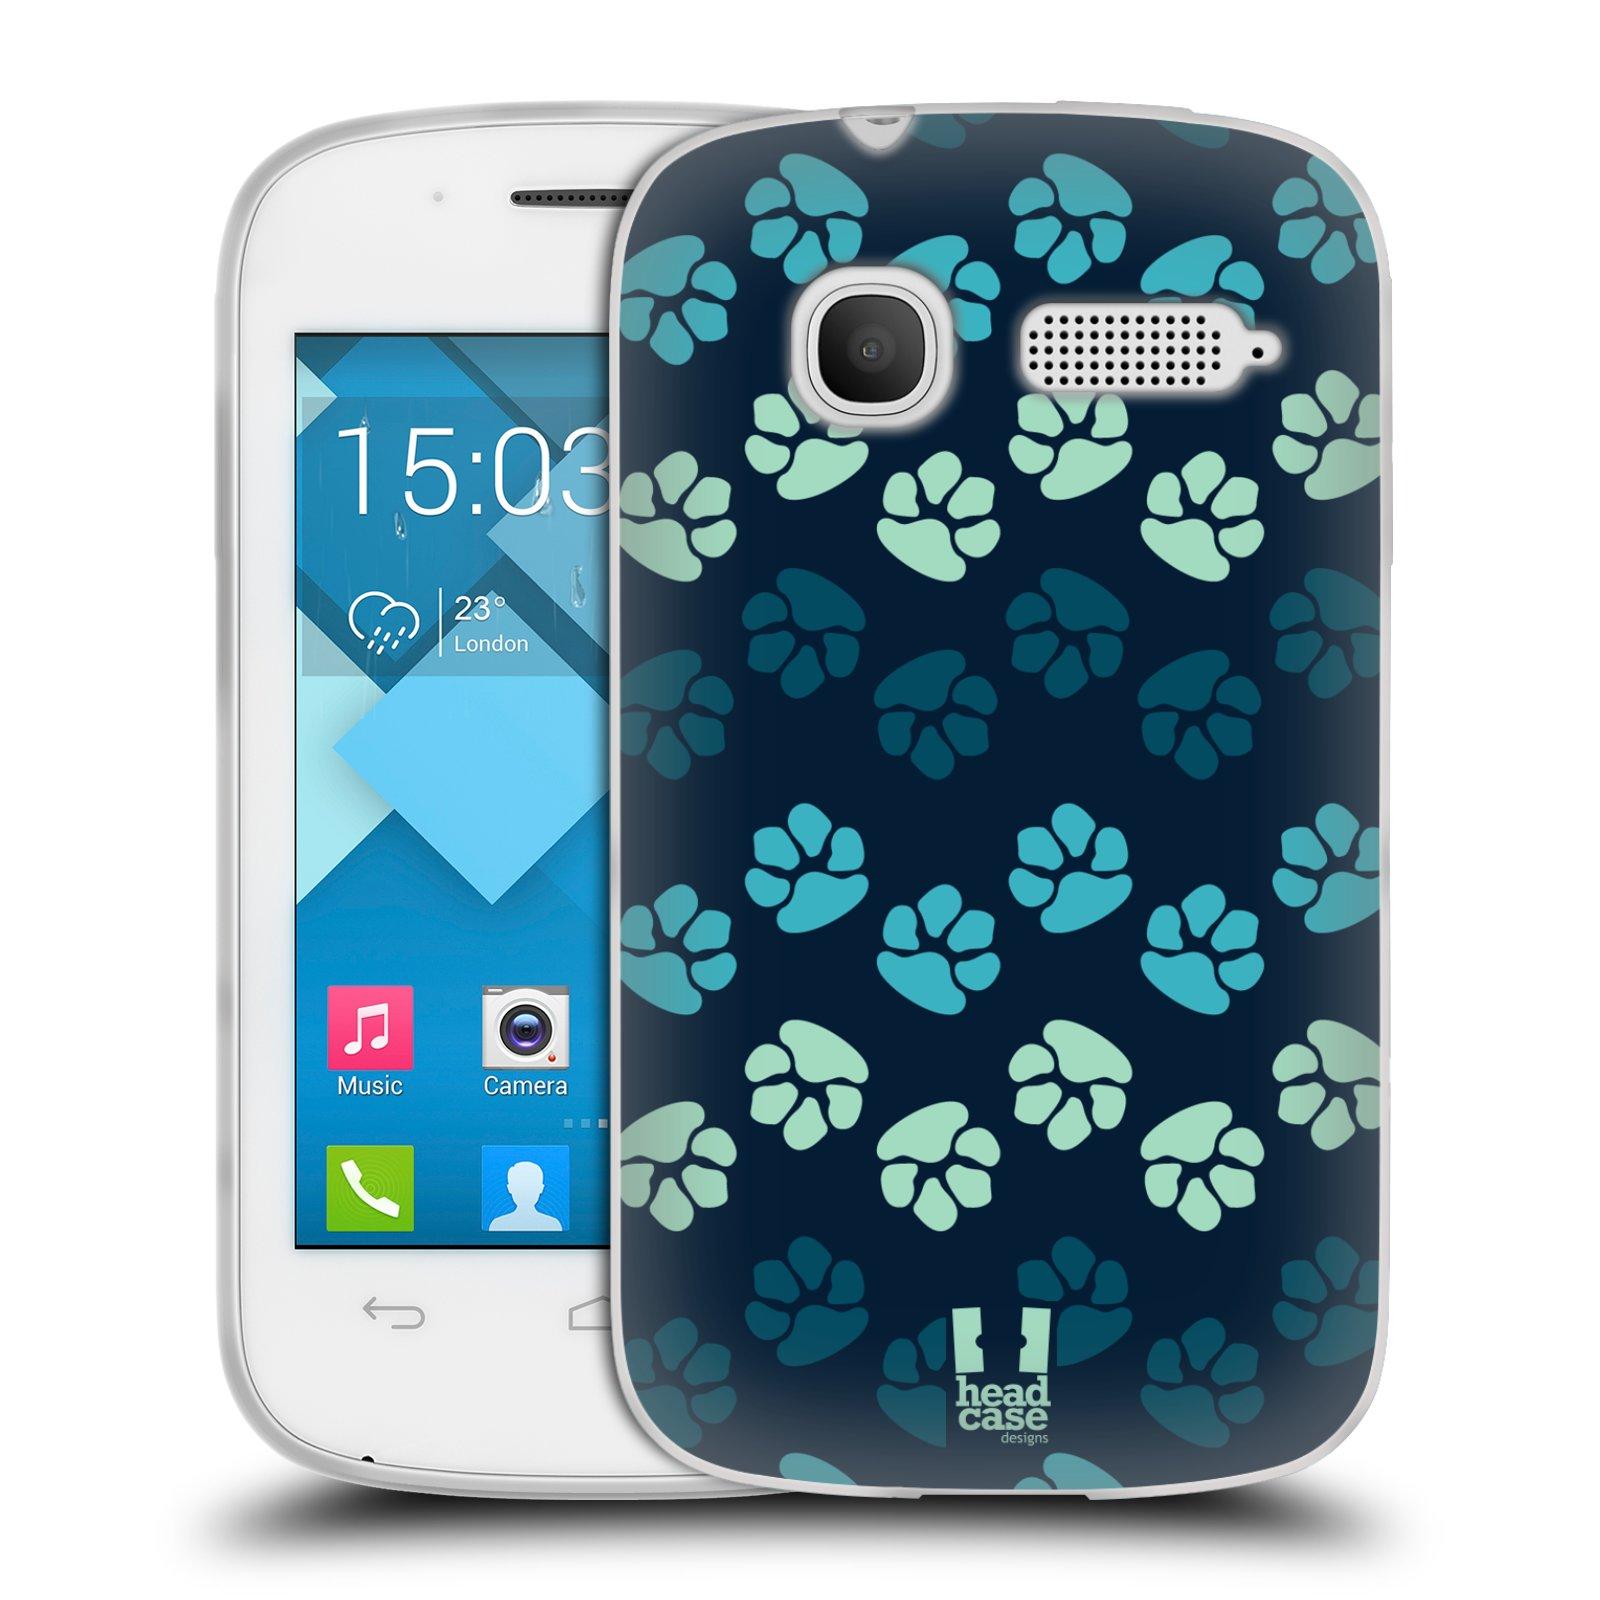 Silikonové pouzdro na mobil Alcatel One Touch Pop C1 HEAD CASE TLAPKY MODRÉ (Silikonový kryt či obal na mobilní telefon Alcatel OT-4015D POP C1)